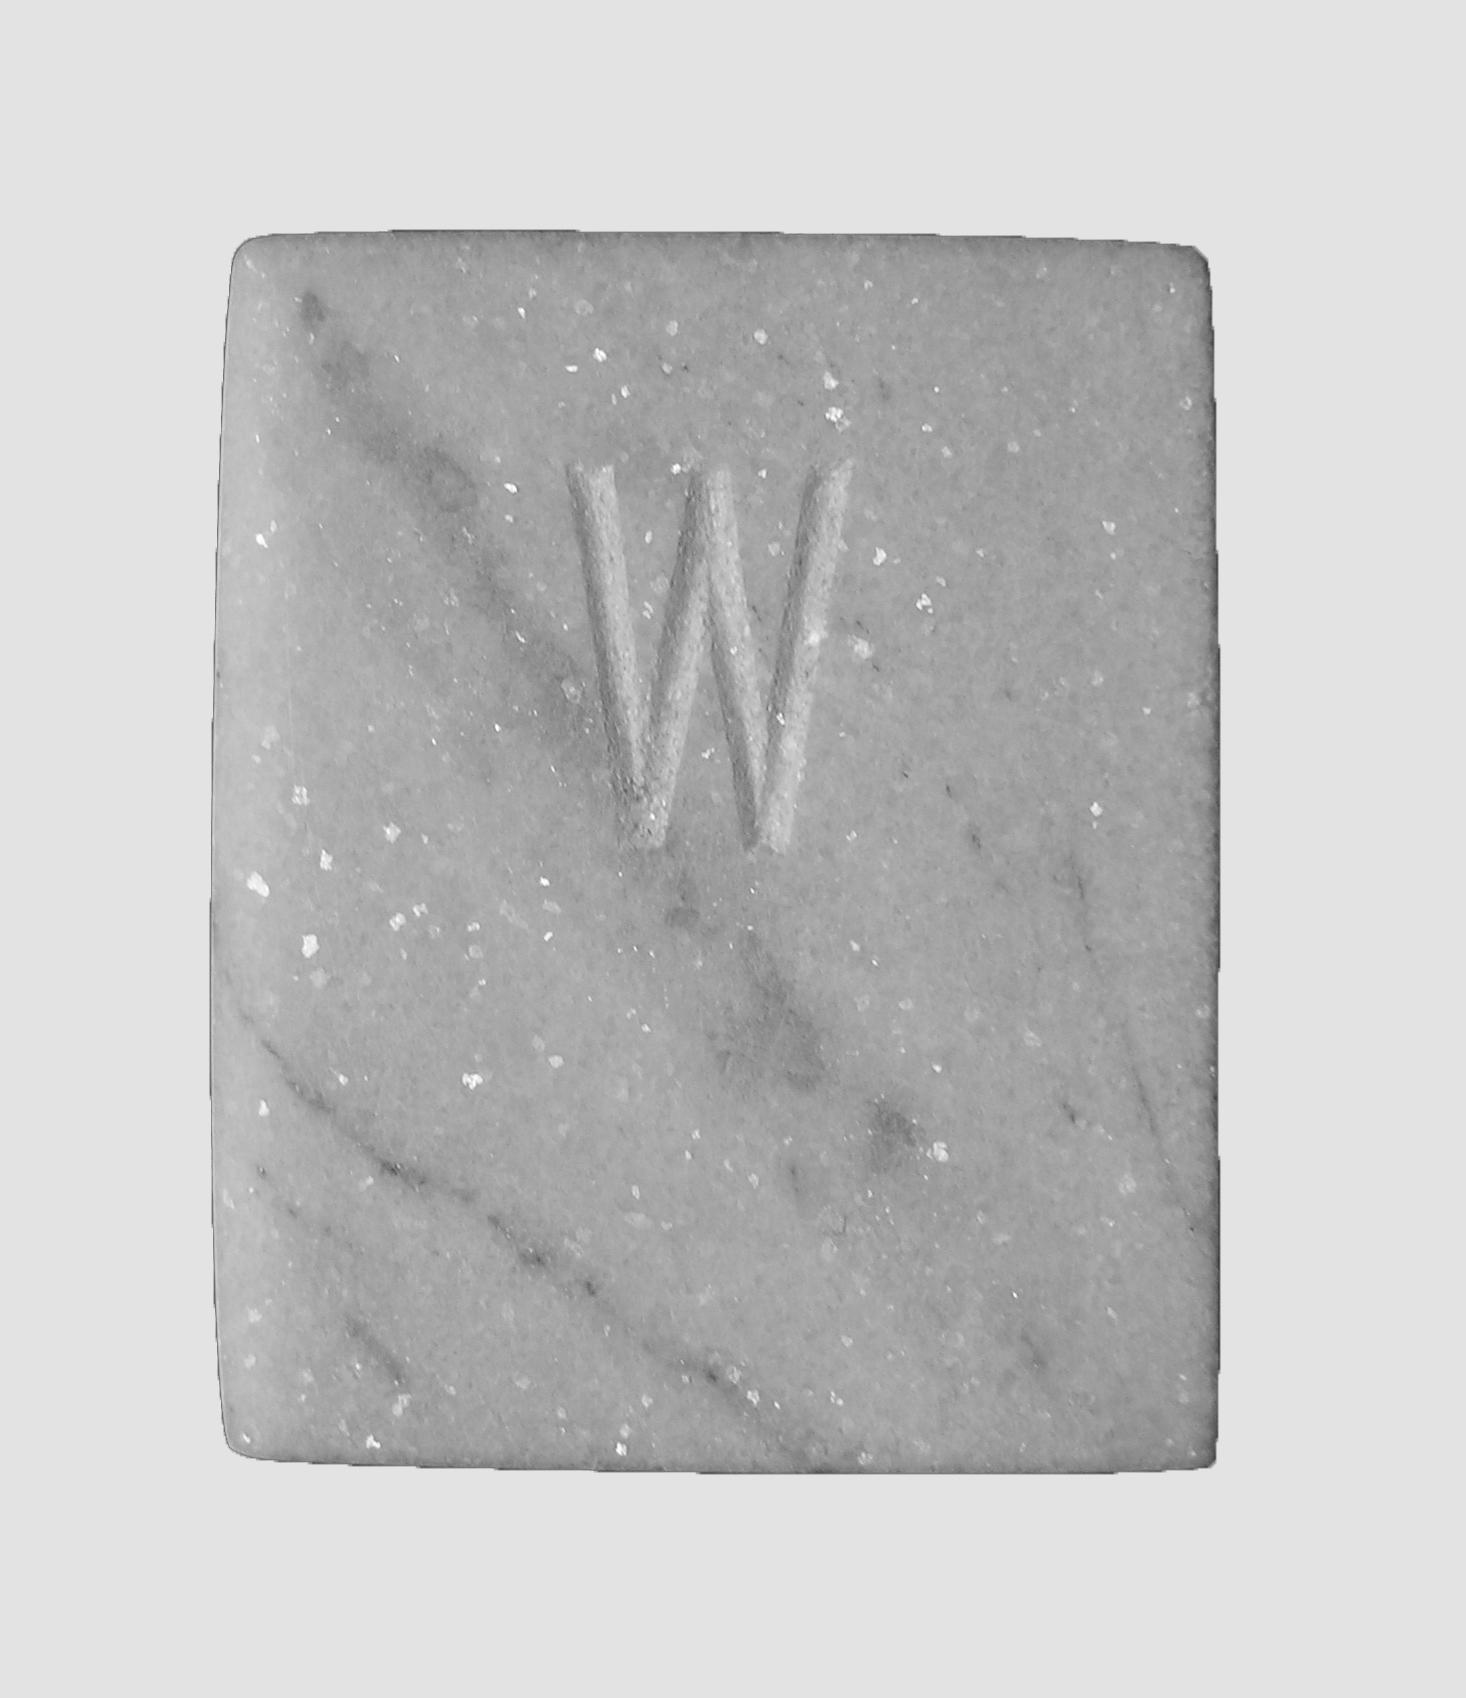 Abecedario, W libro de mármol de Carrara, 18 cm x 3 cm x 15 cm, 1984